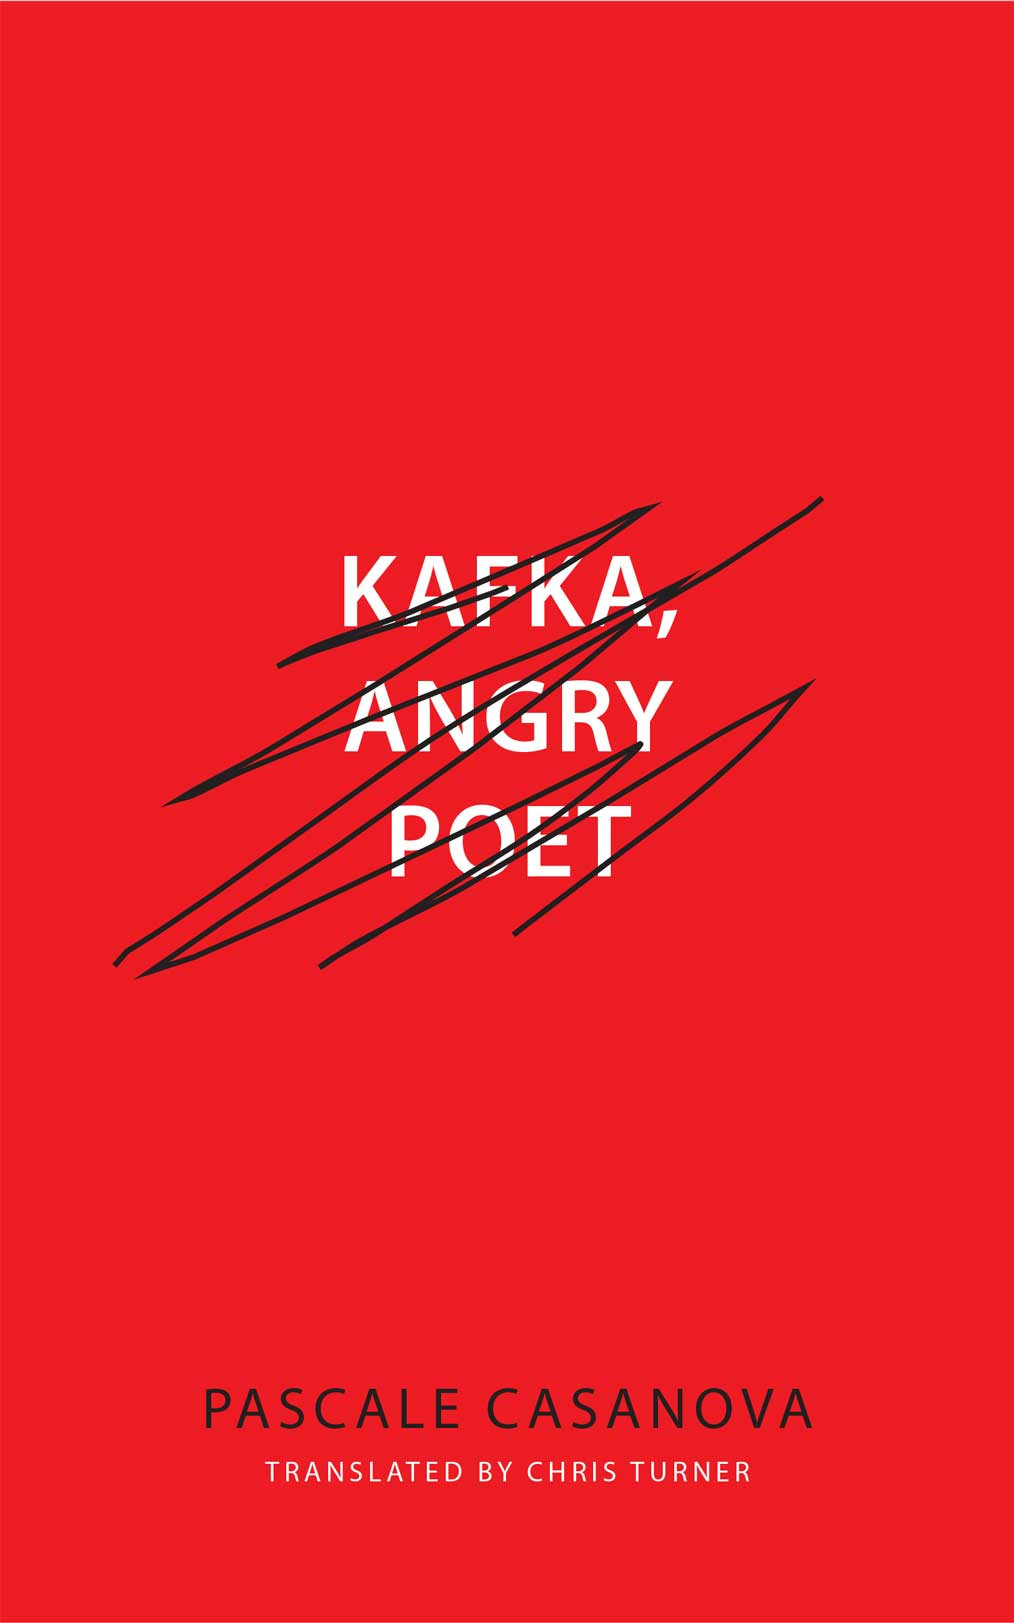 Kafka, Angry Poet